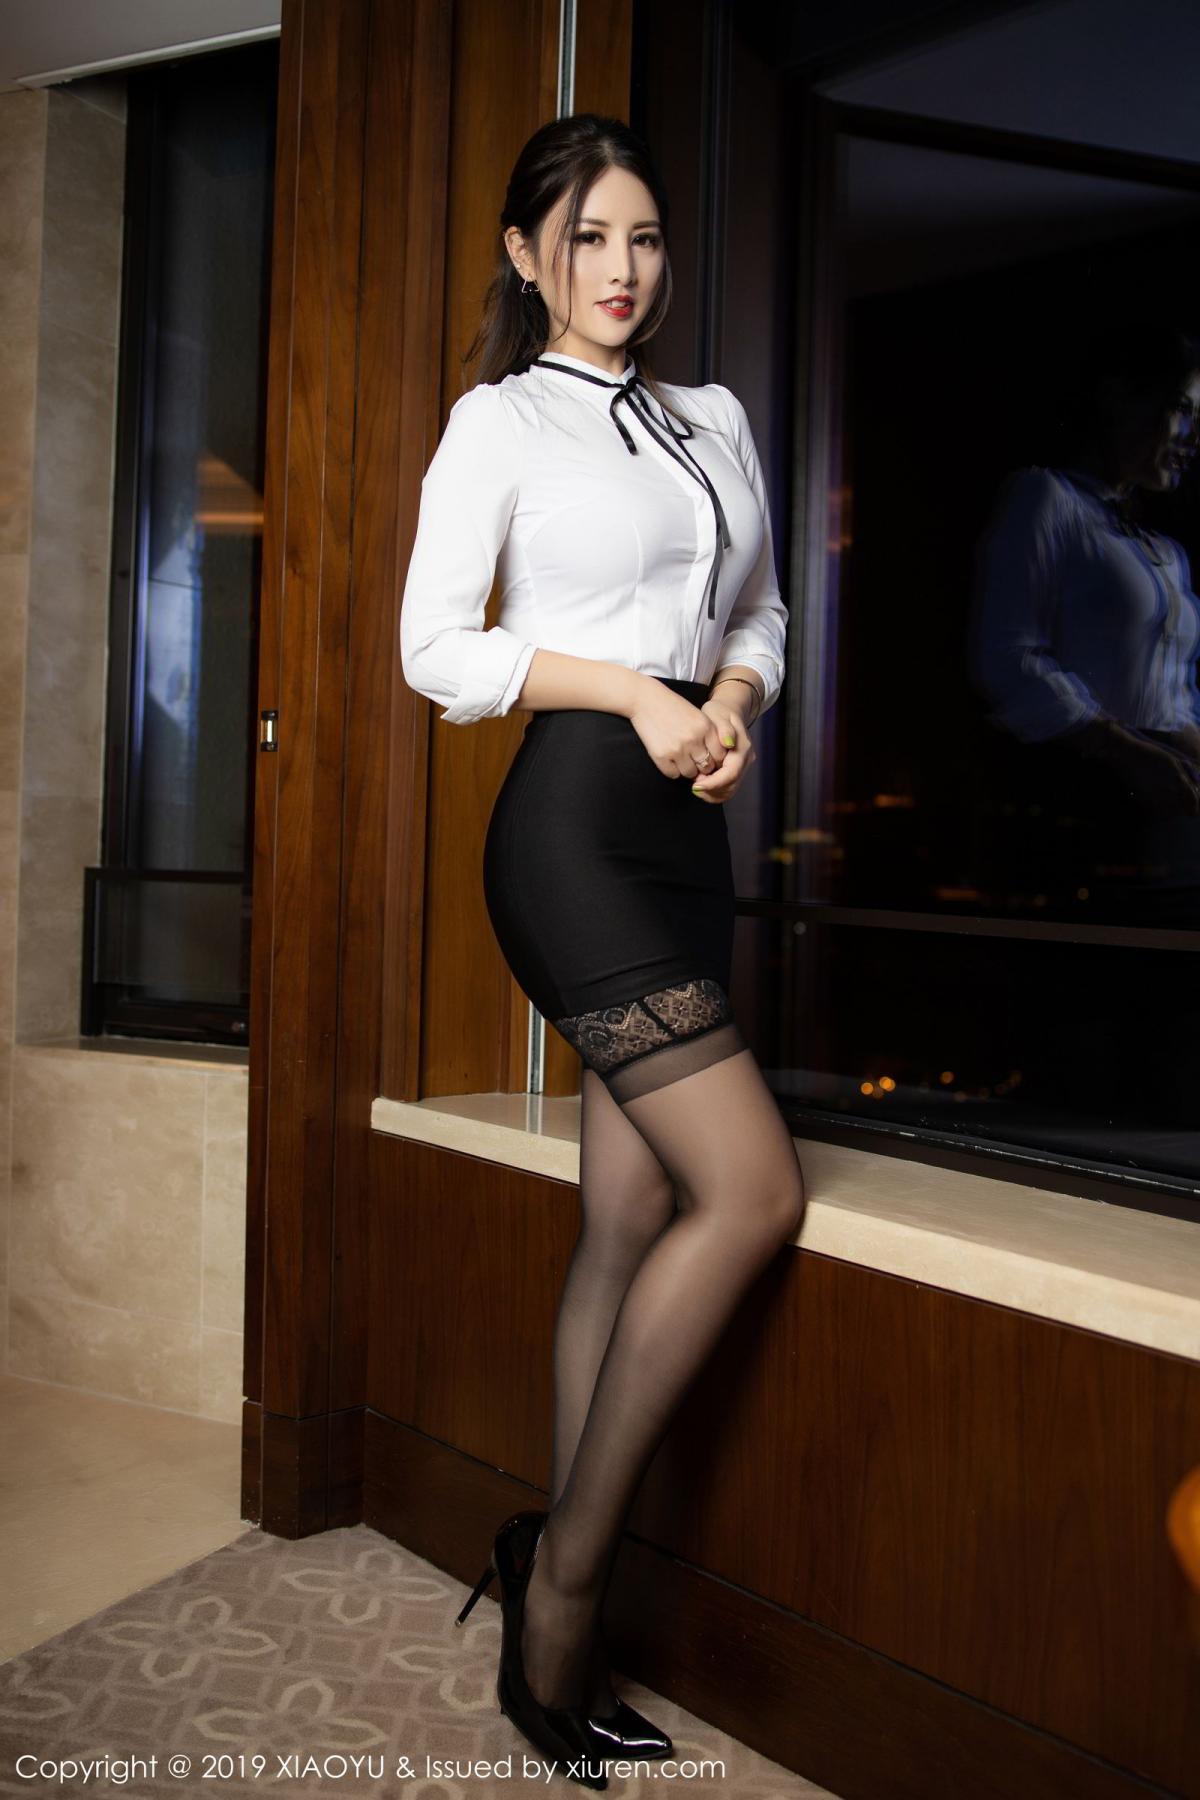 [XiaoYu] Vol.173 Chen Shi Shi 2P, Black Silk, Chen Shi Shi, Underwear, XiaoYu